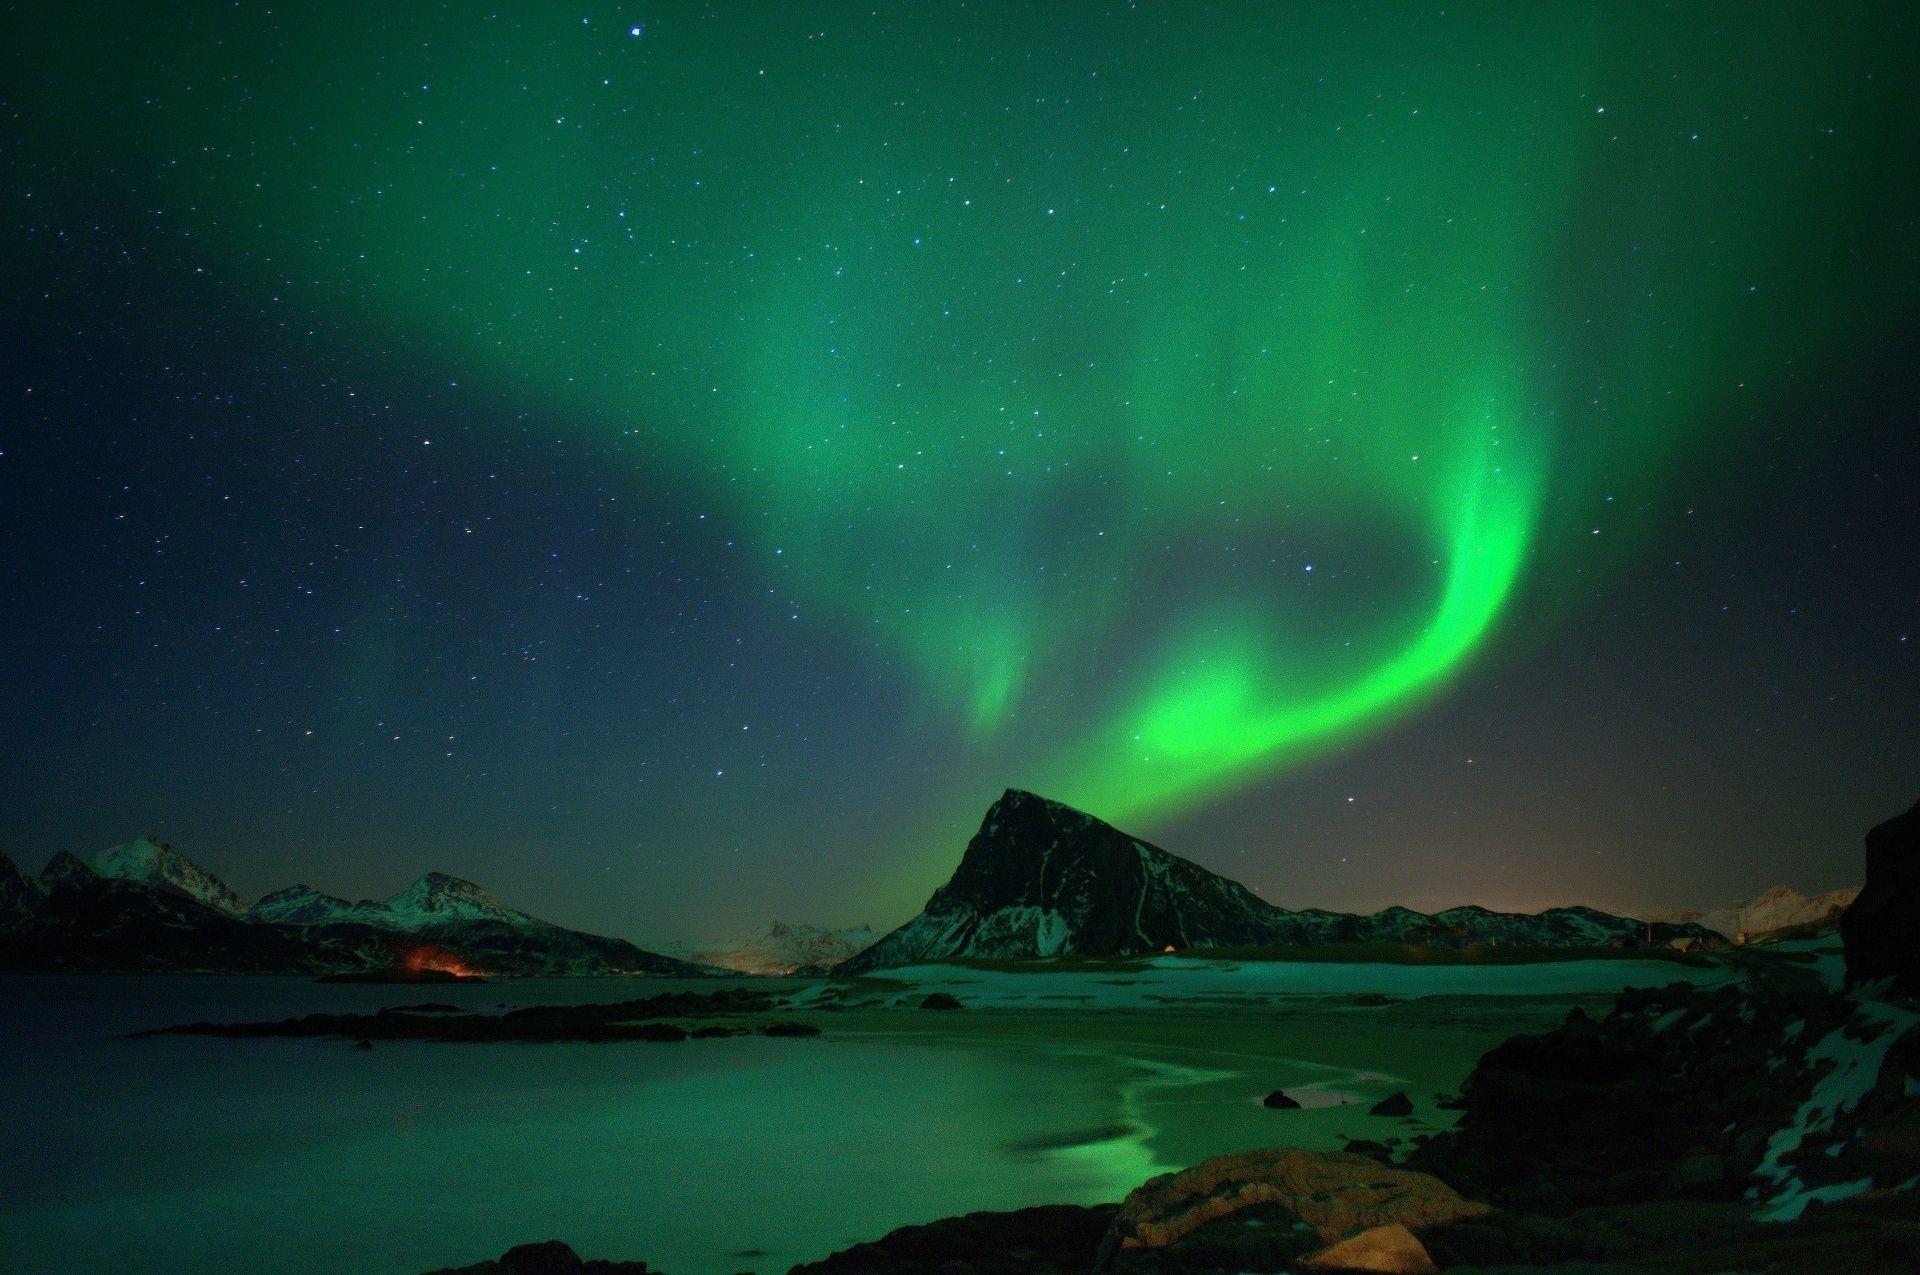 aurore-boreale_fonds-ecran-gratuits_paysage_1